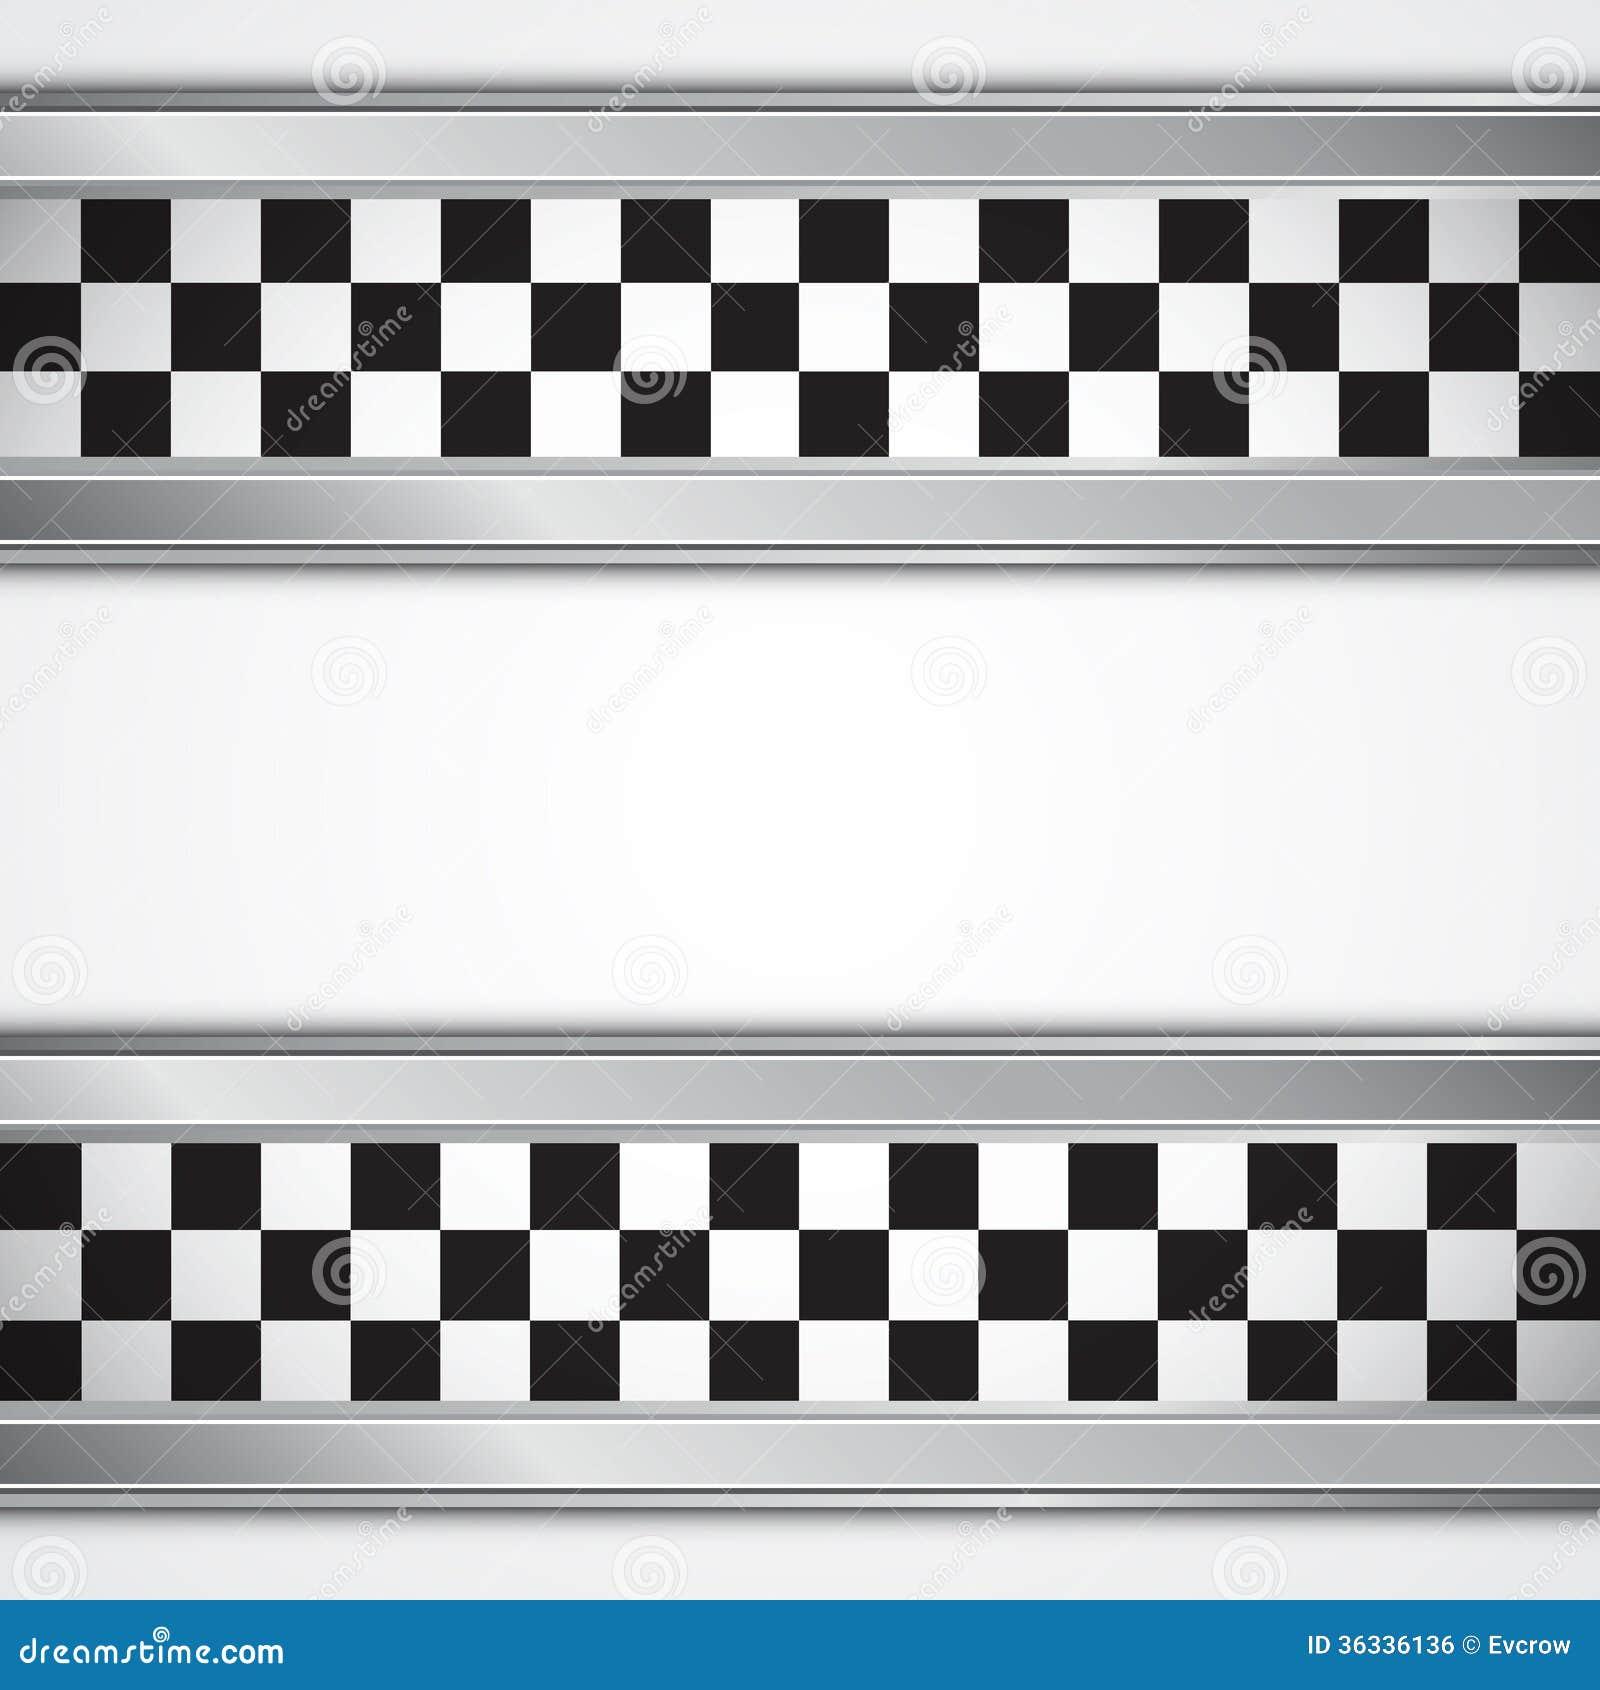 Race Car Backdrop